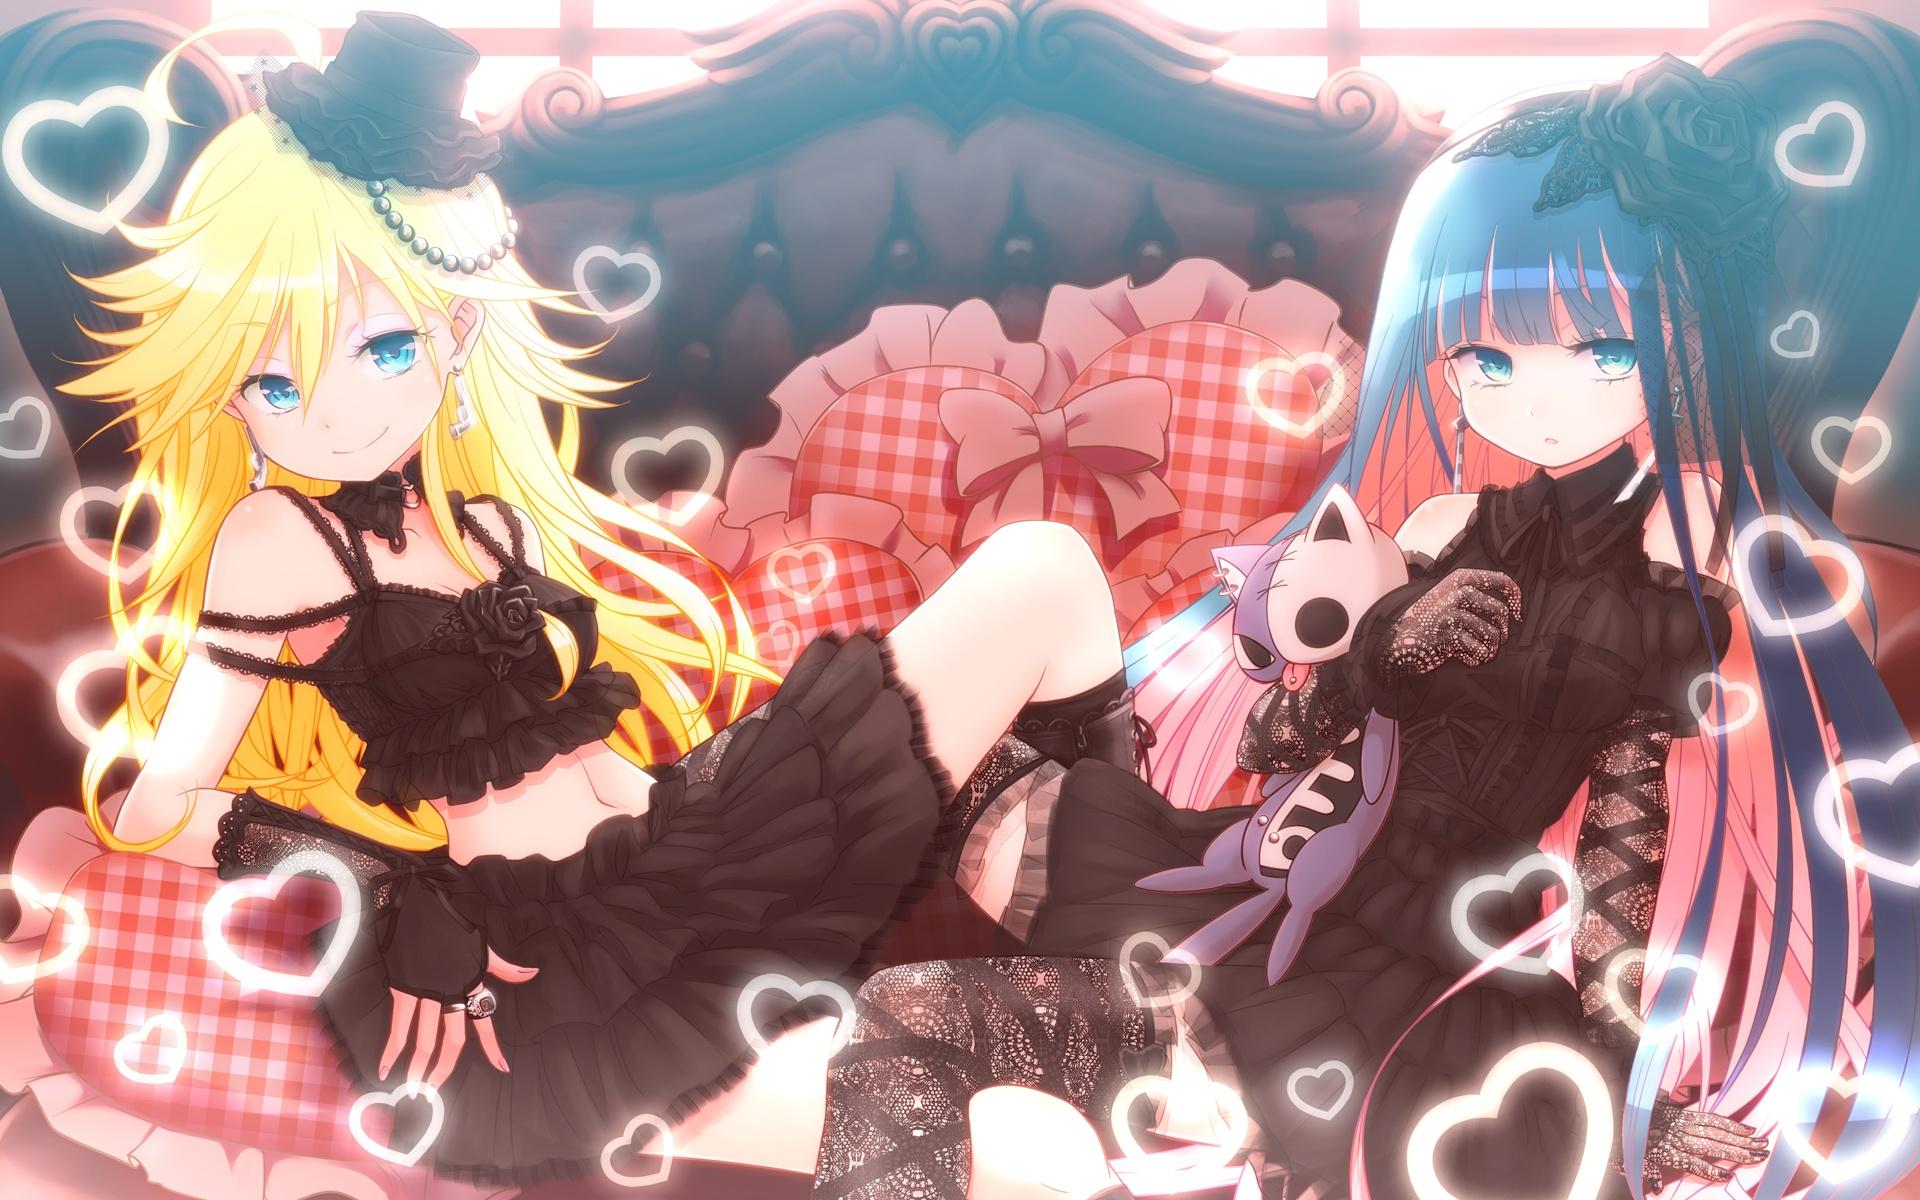 壁紙 ロマンチックなアニメの女の子 19x10 Hd 無料のデスクトップの背景 画像